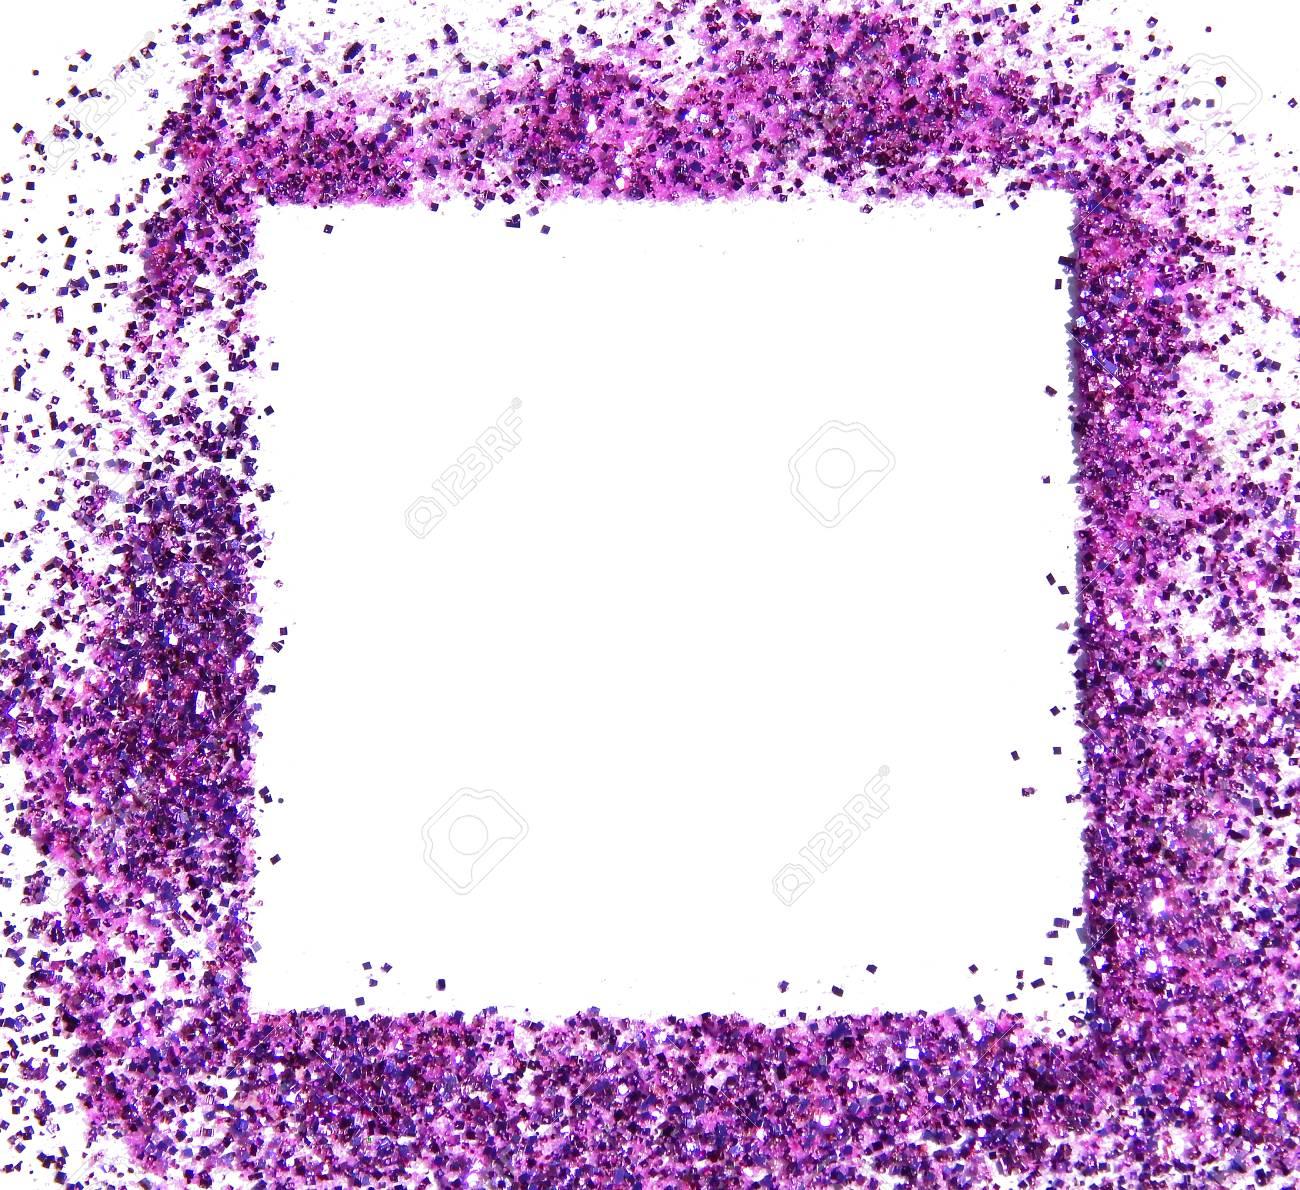 El Marco De La Chispa Púrpura Del Brillo En El Fondo Blanco, Se ...